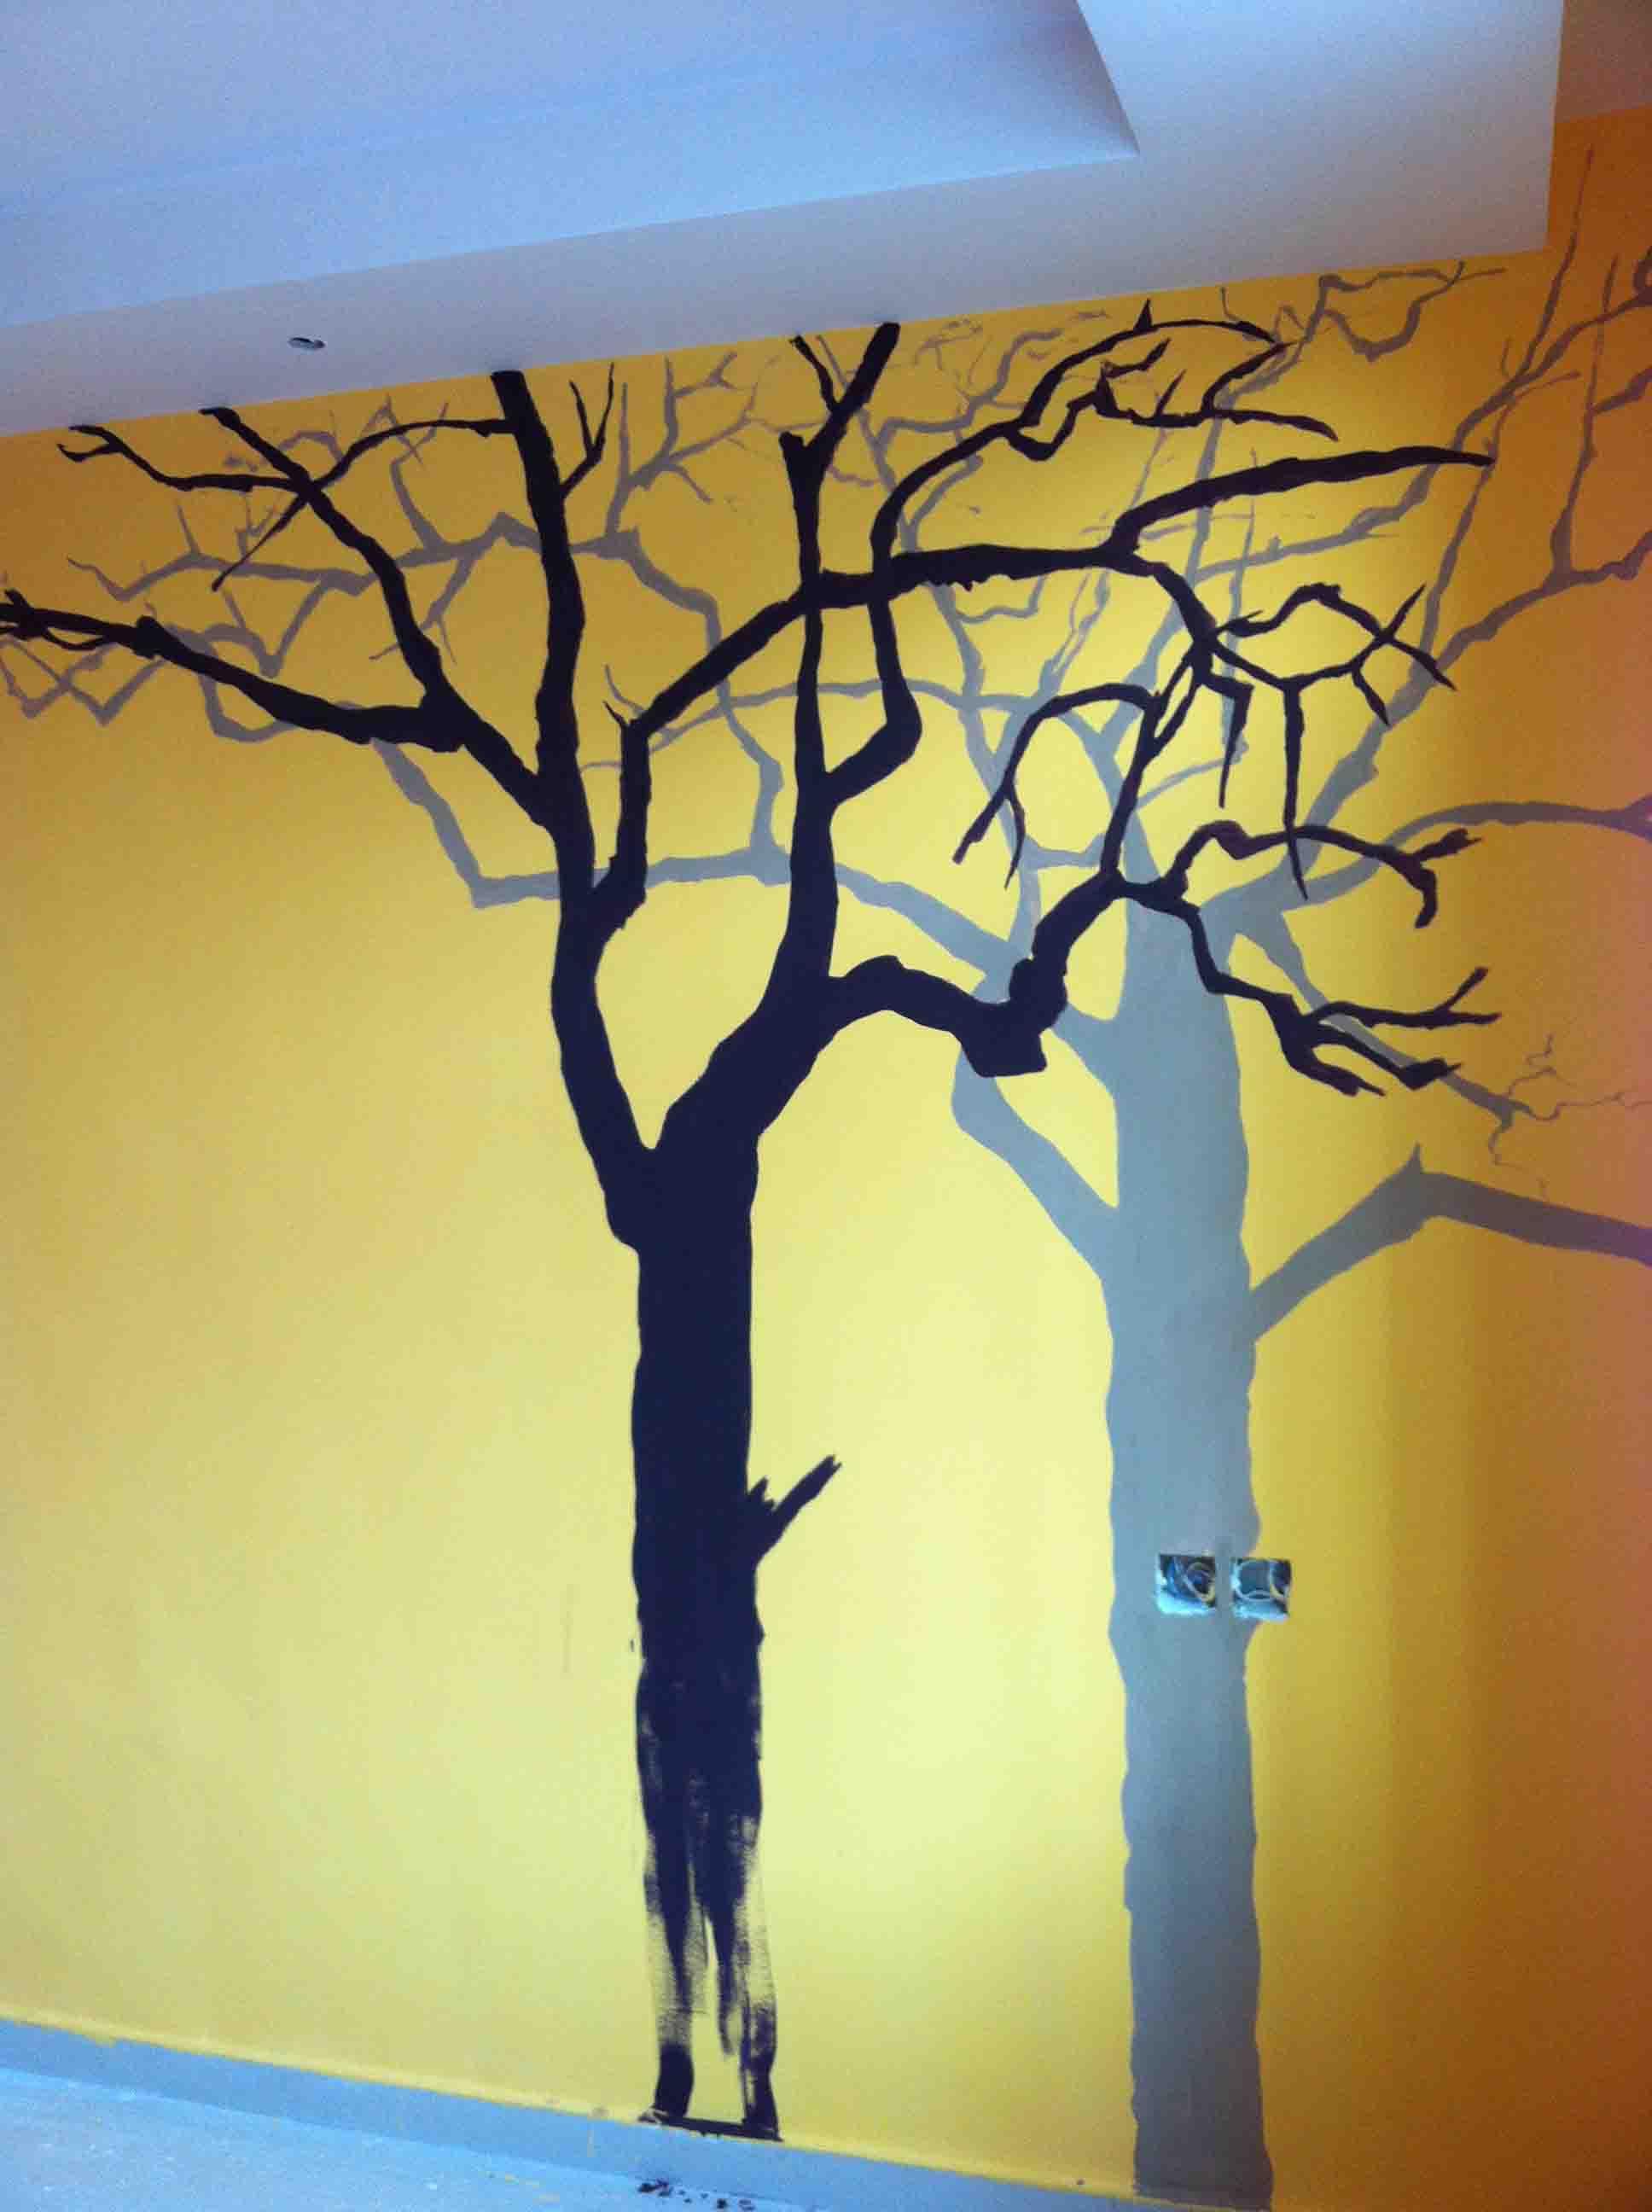 年工手绘墙画,地画,立体画,隐形画,彩砂画,油画